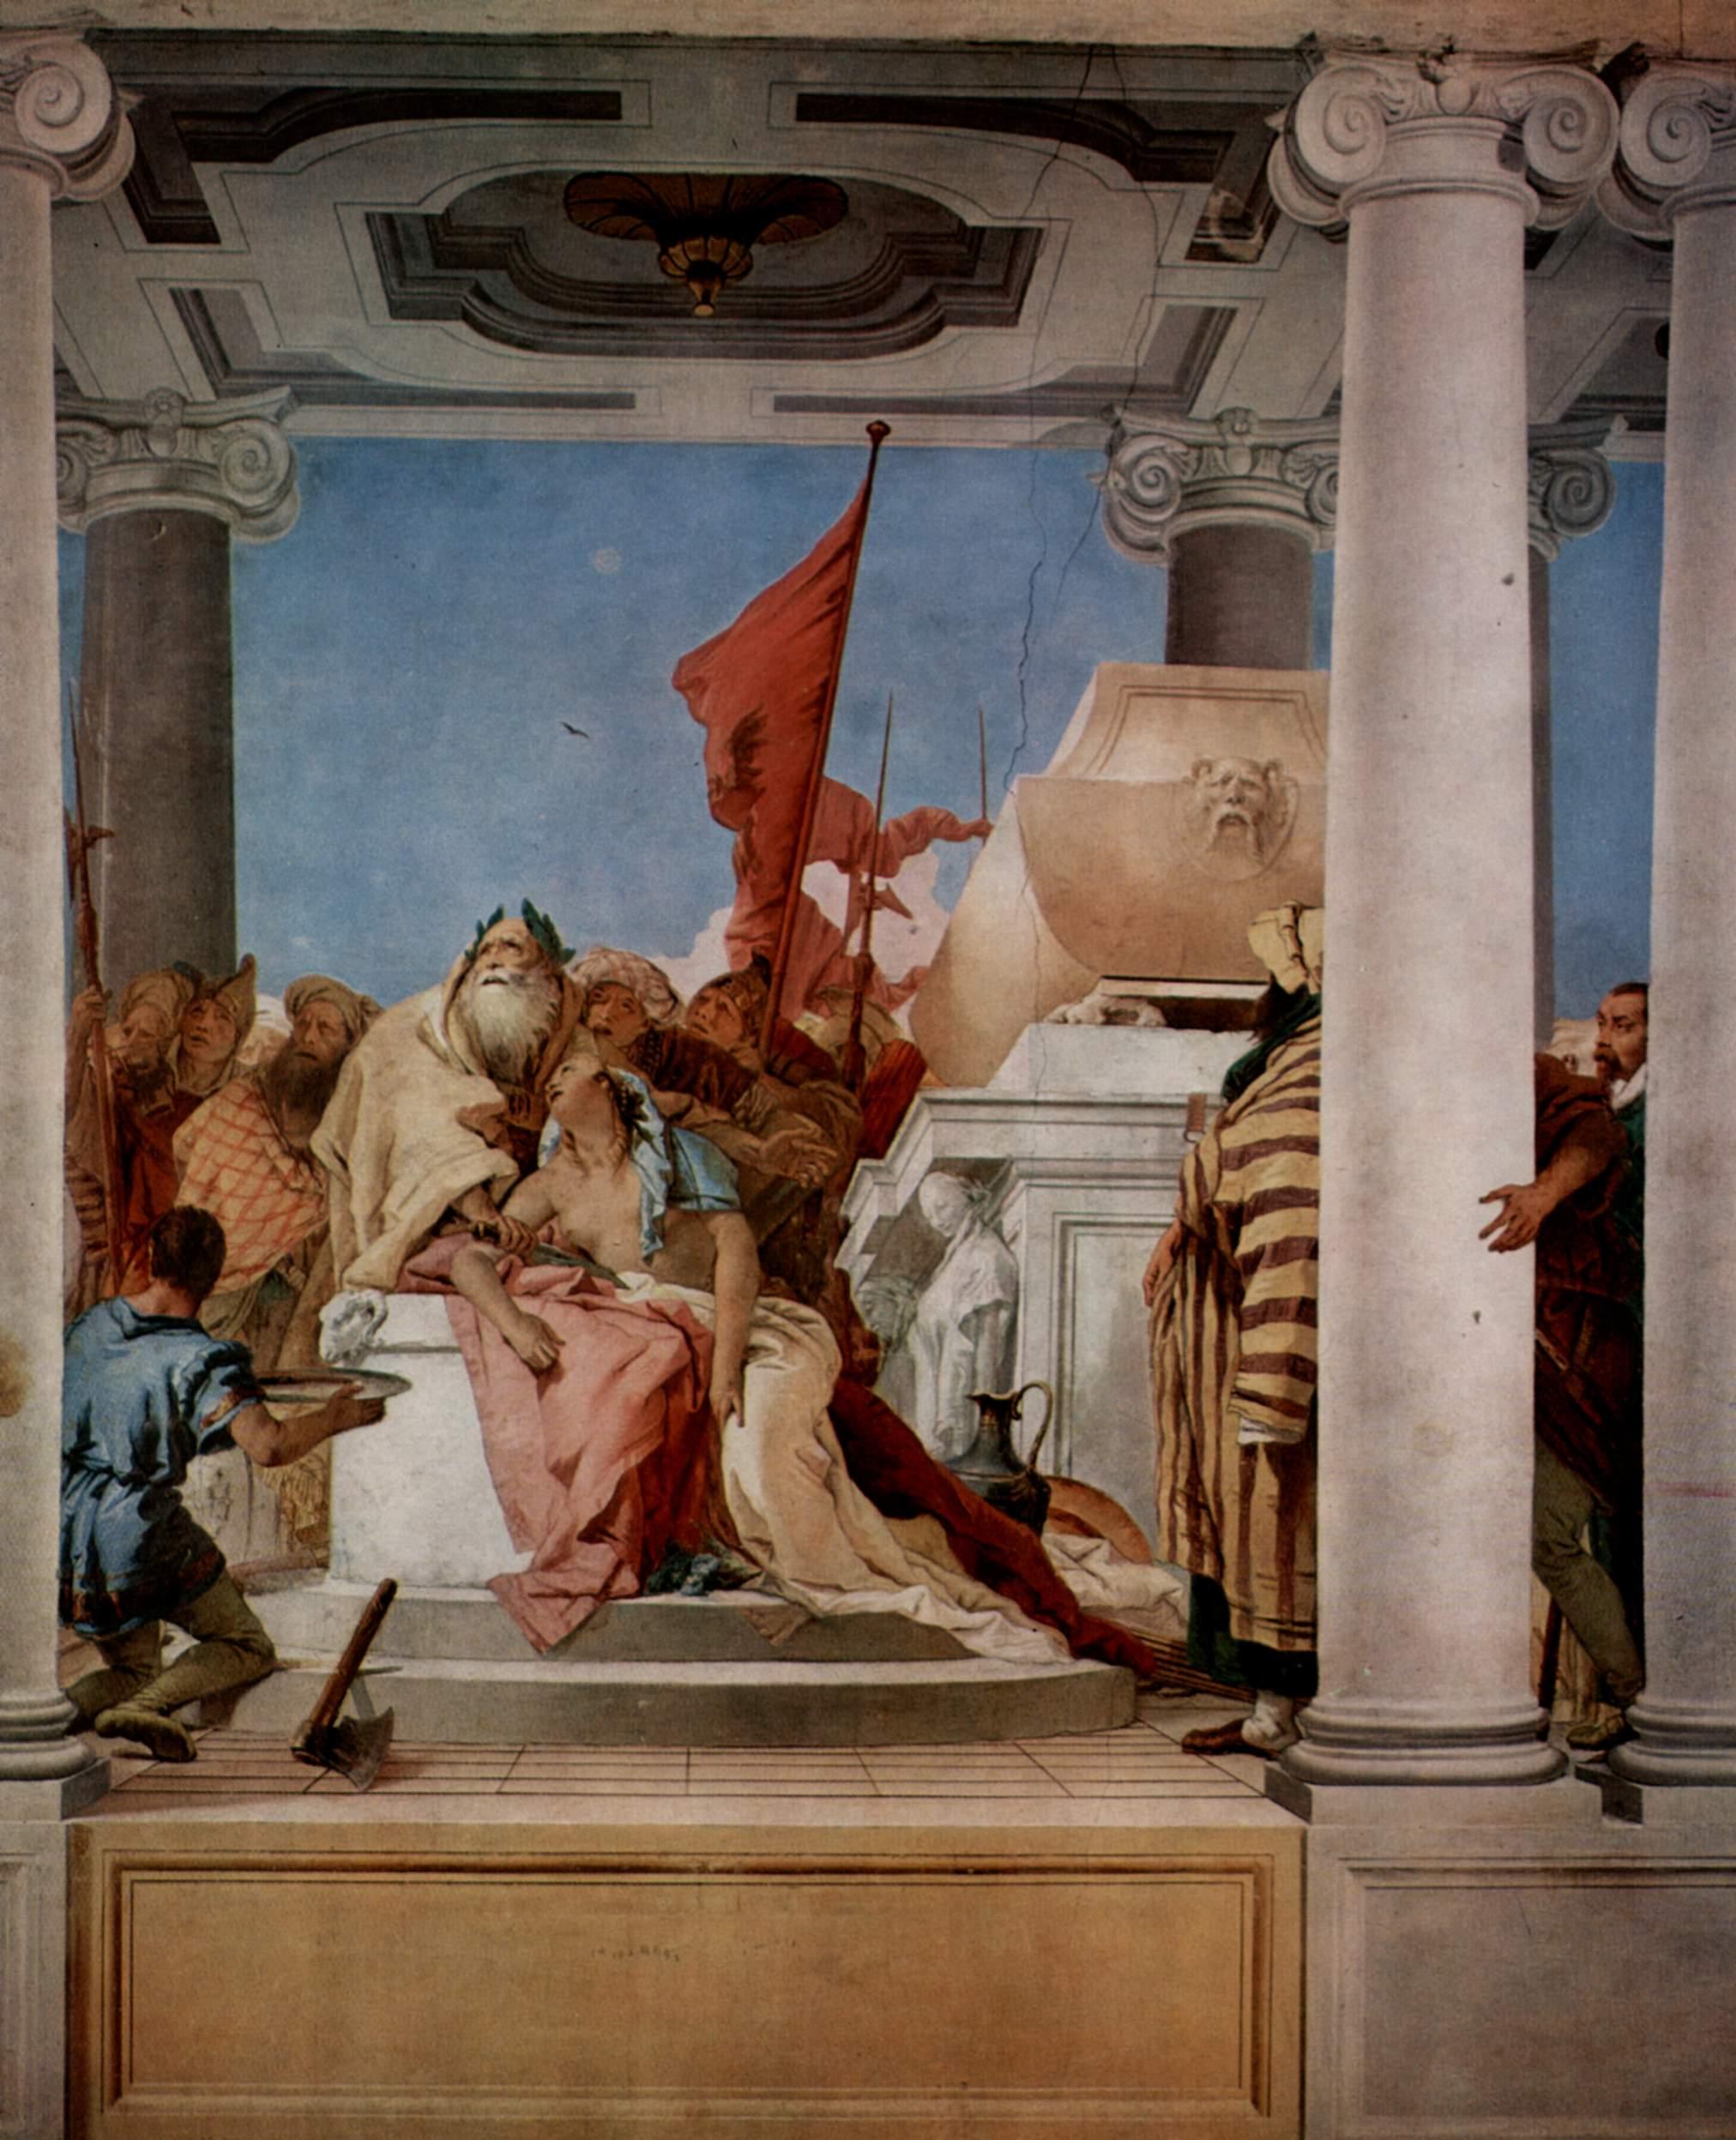 Giovanni Battista Tiepolo (1696-1770), O Sacrifício de Ifigênia